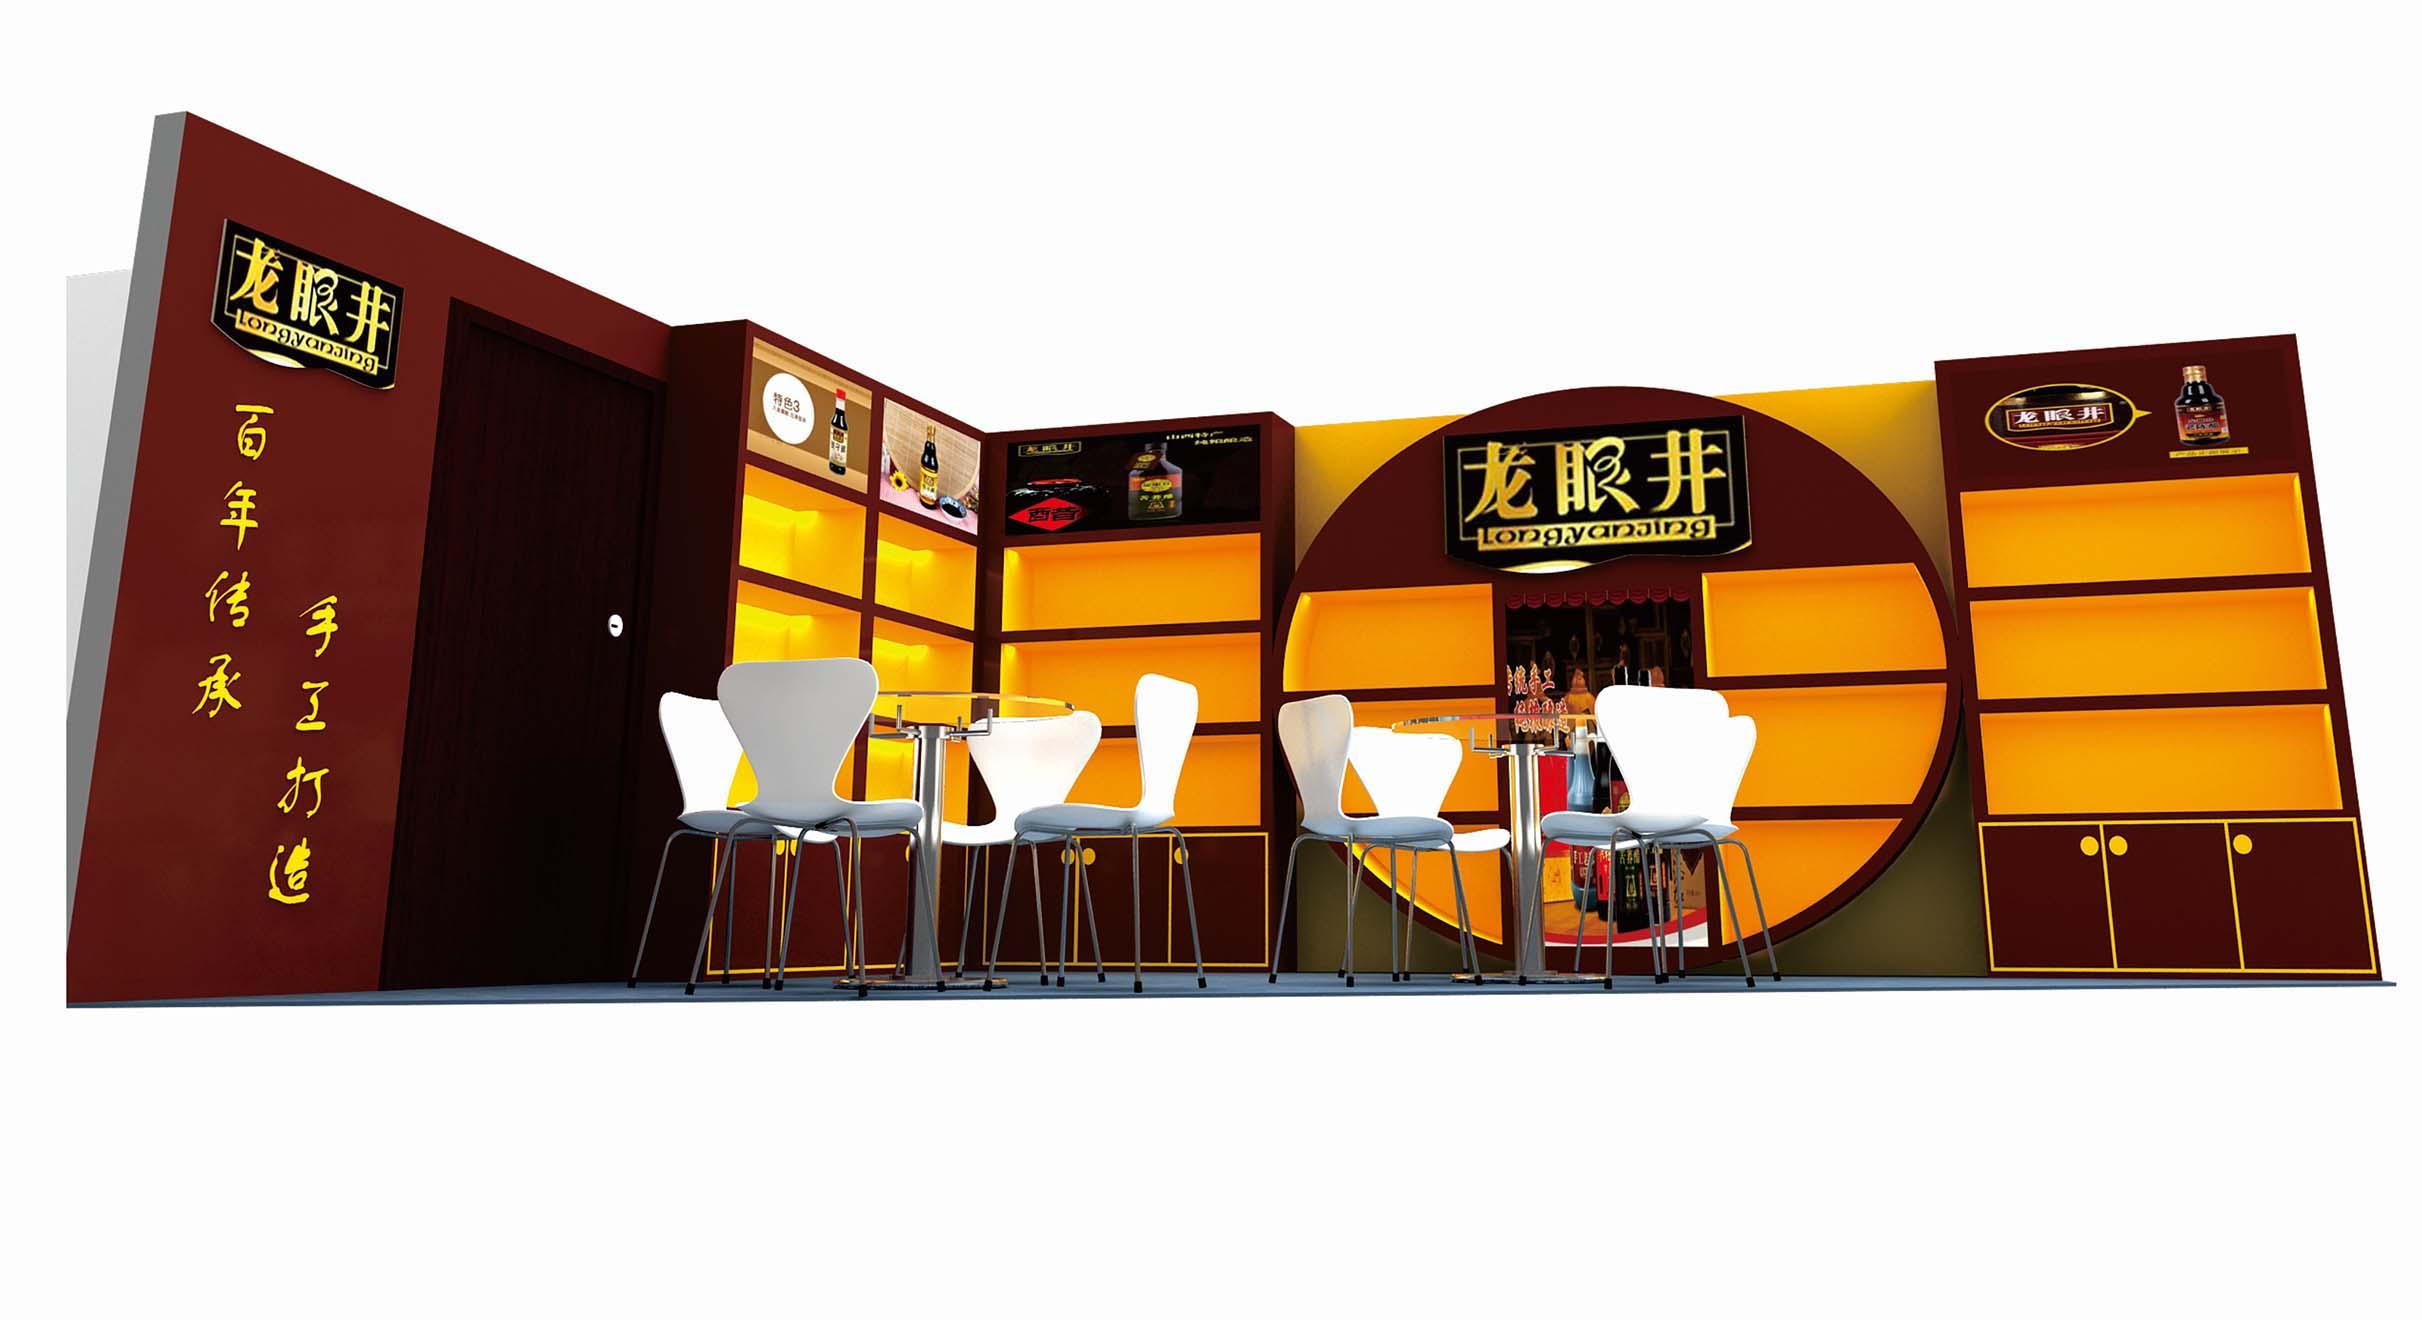 糖酒会展厅设计-龙眼井